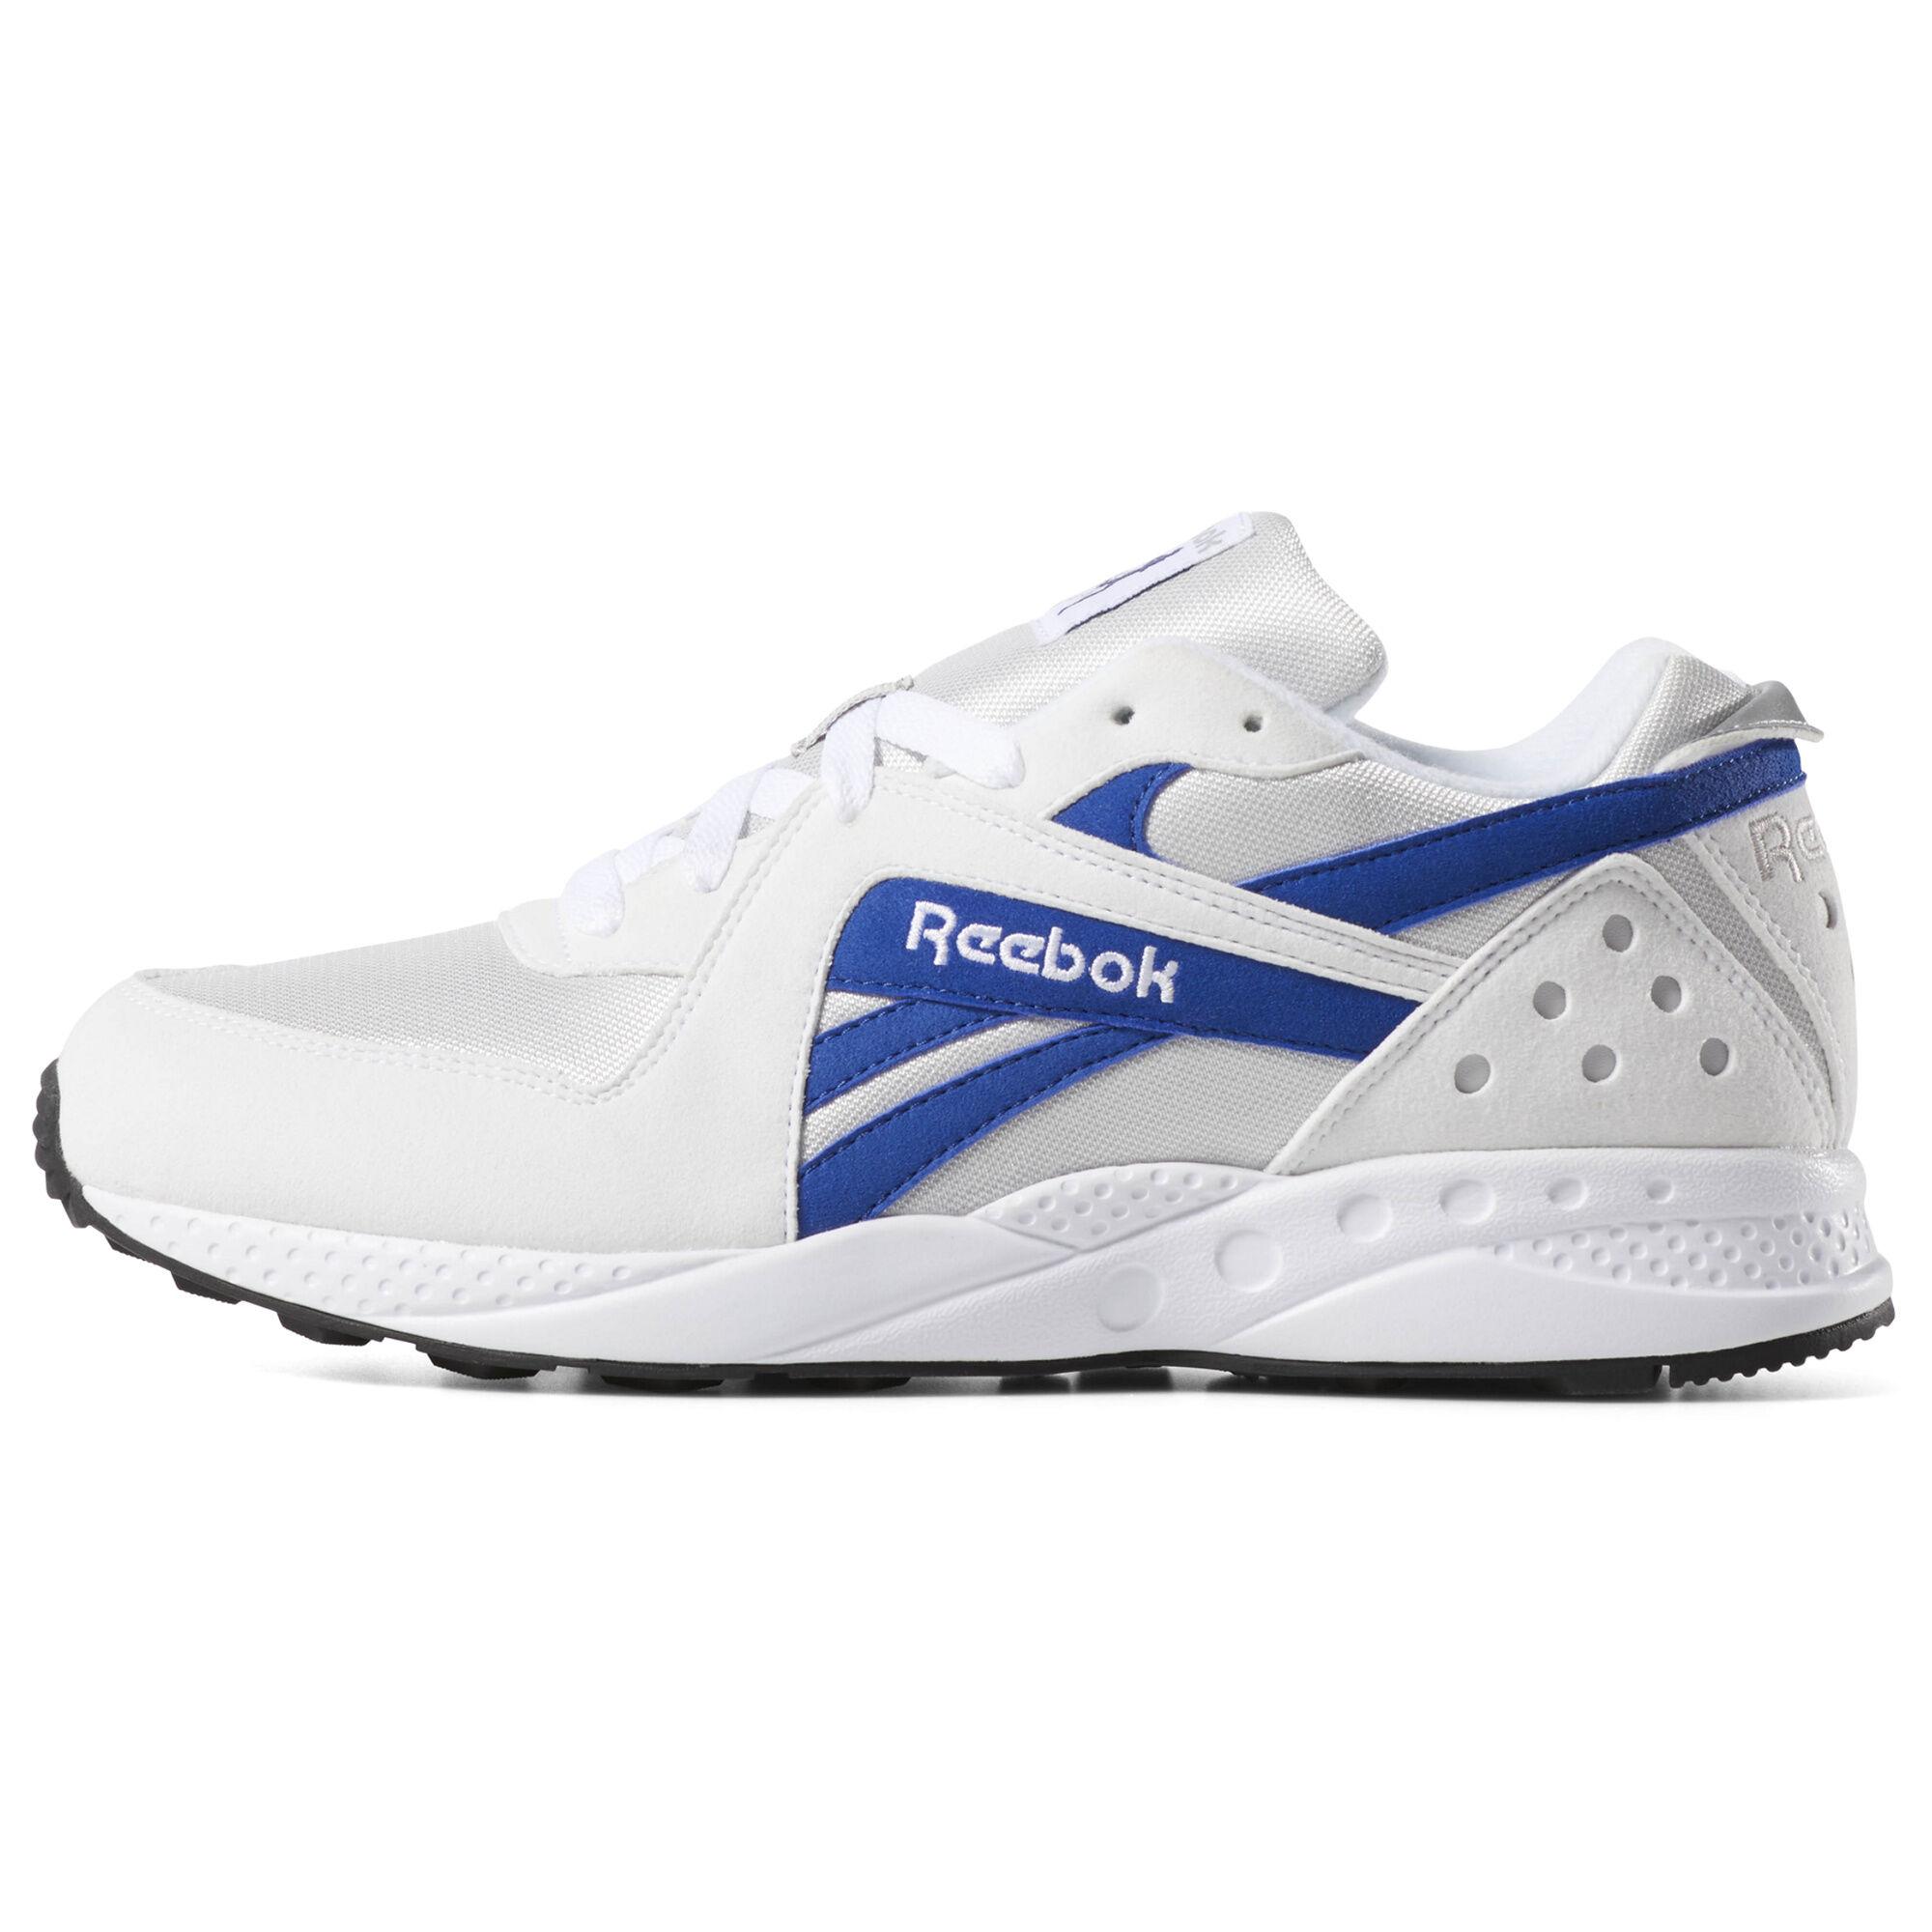 Reebok Pyro - White  1a566eba9